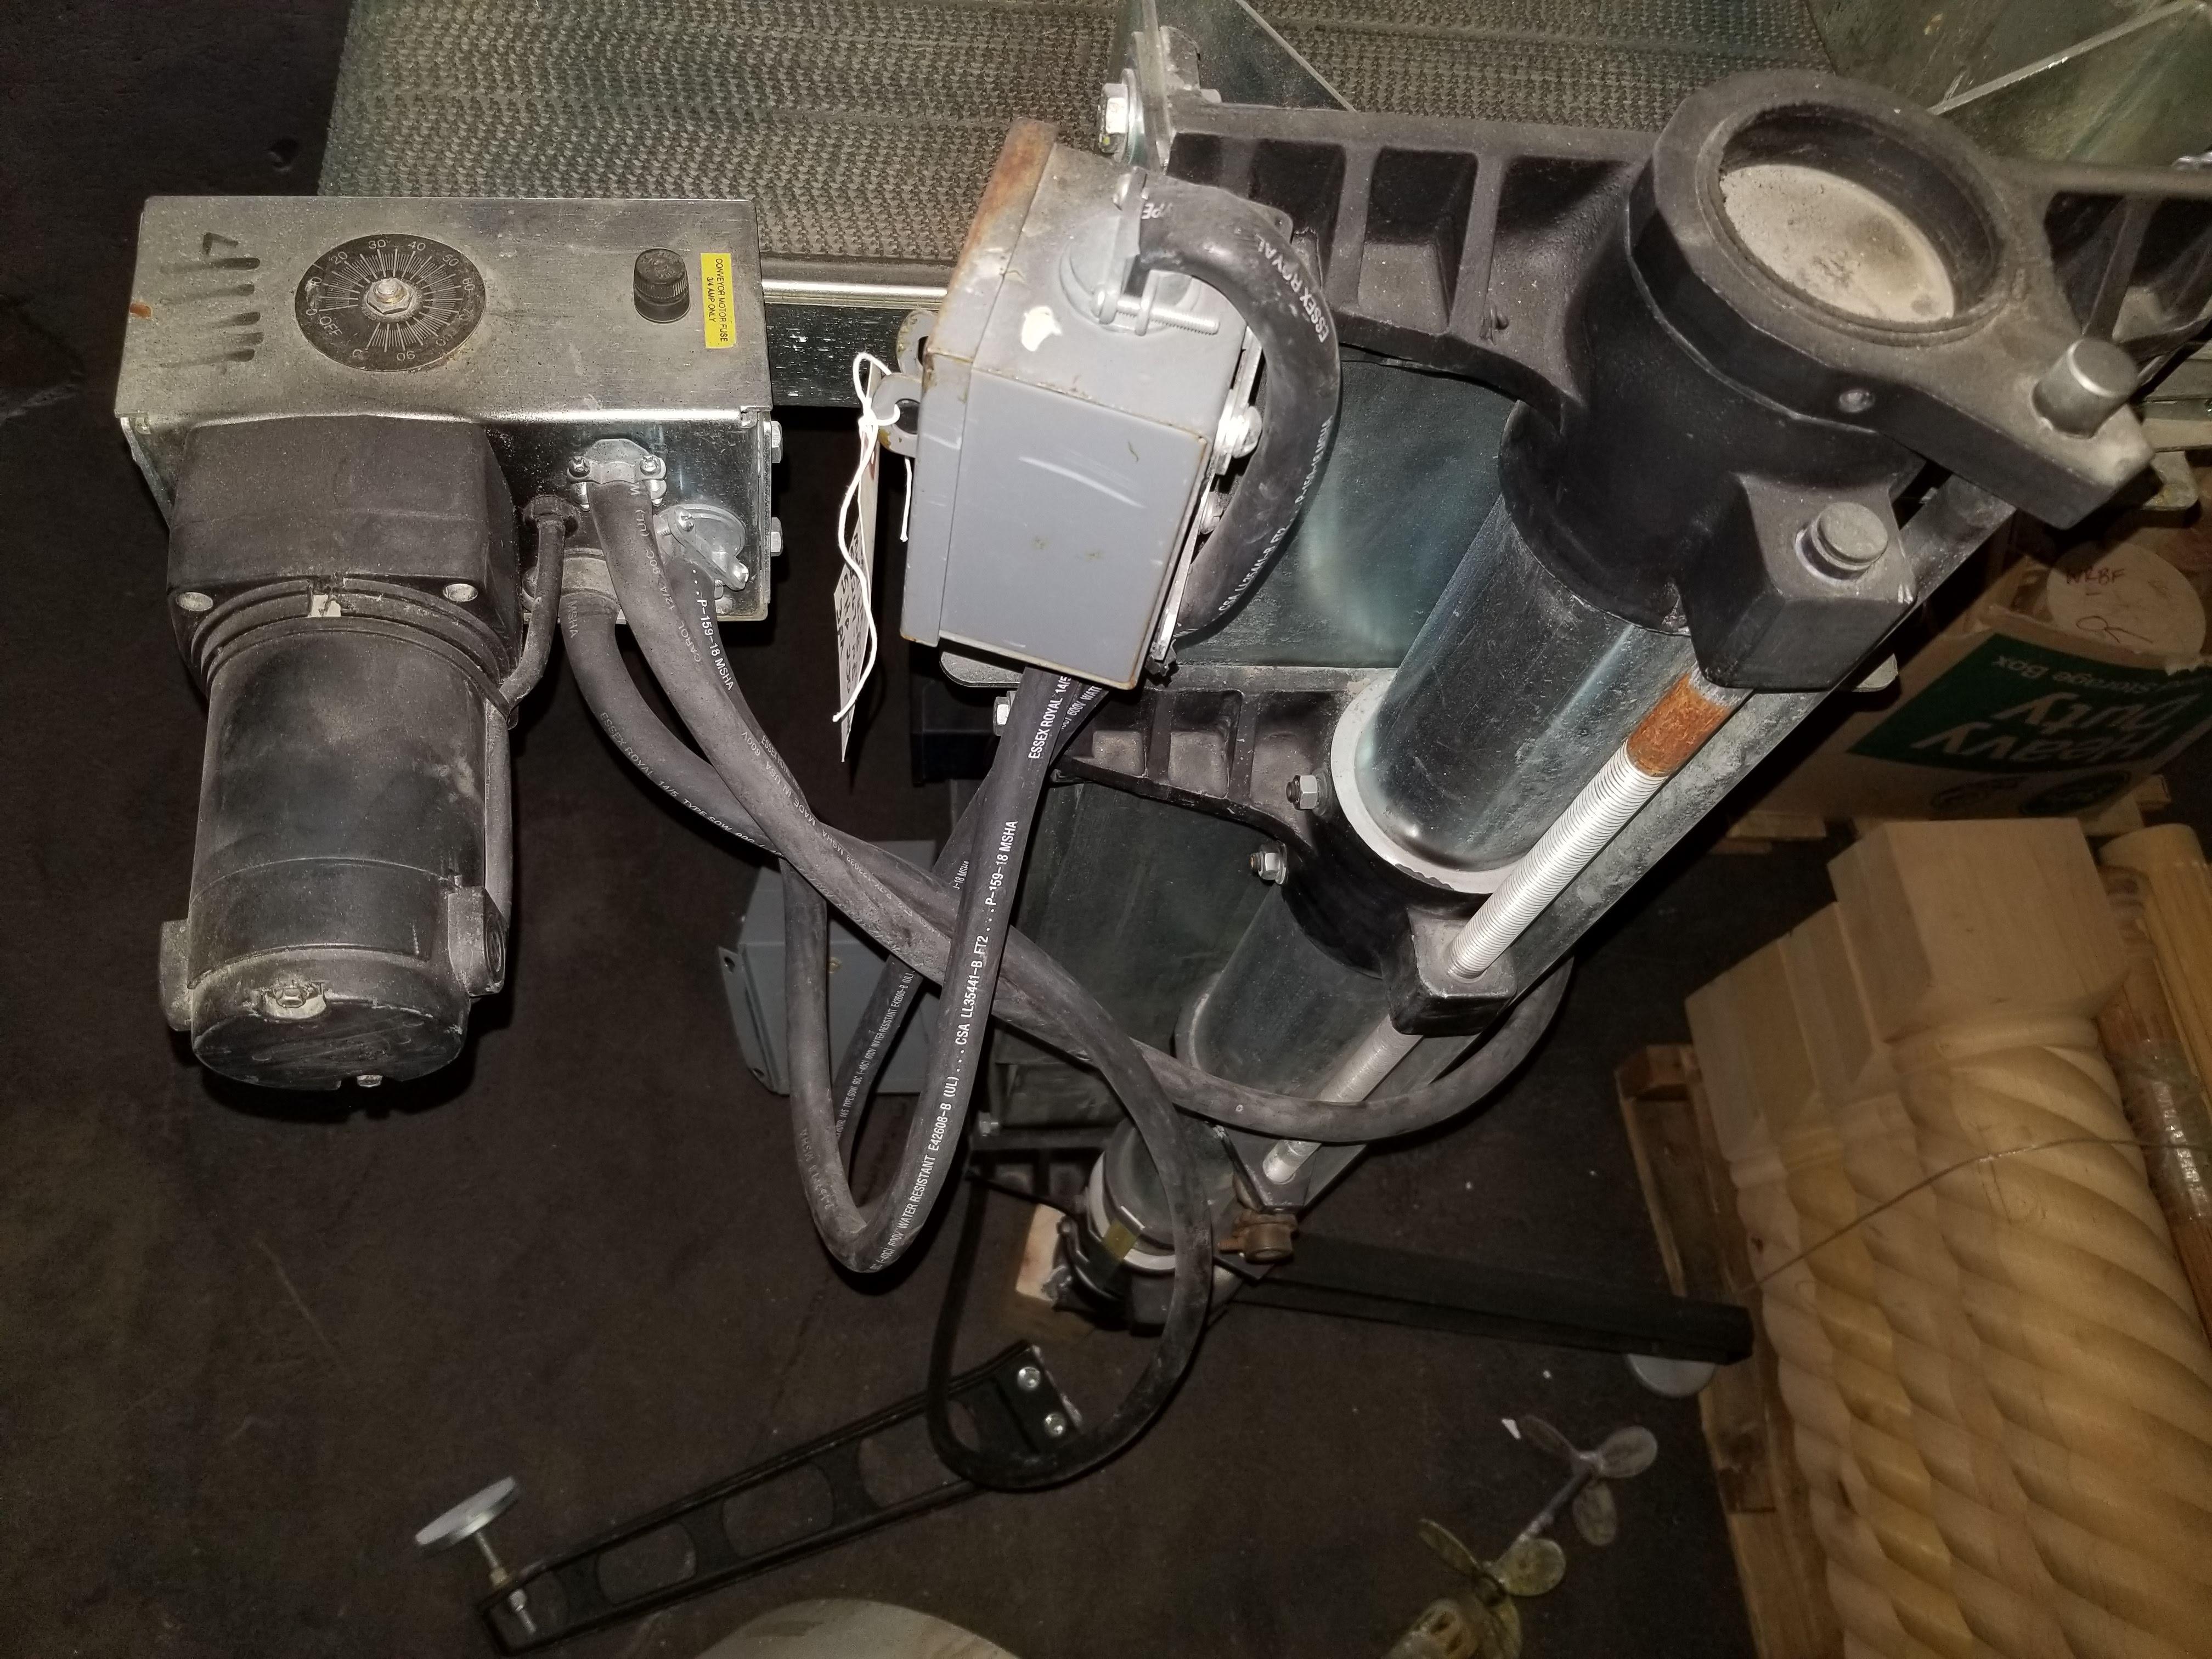 """Perormax 36"""" Wire Brush Machine Mo. #SB3653267-NB 5hp 230V 3ph No Brush - Image 3 of 5"""